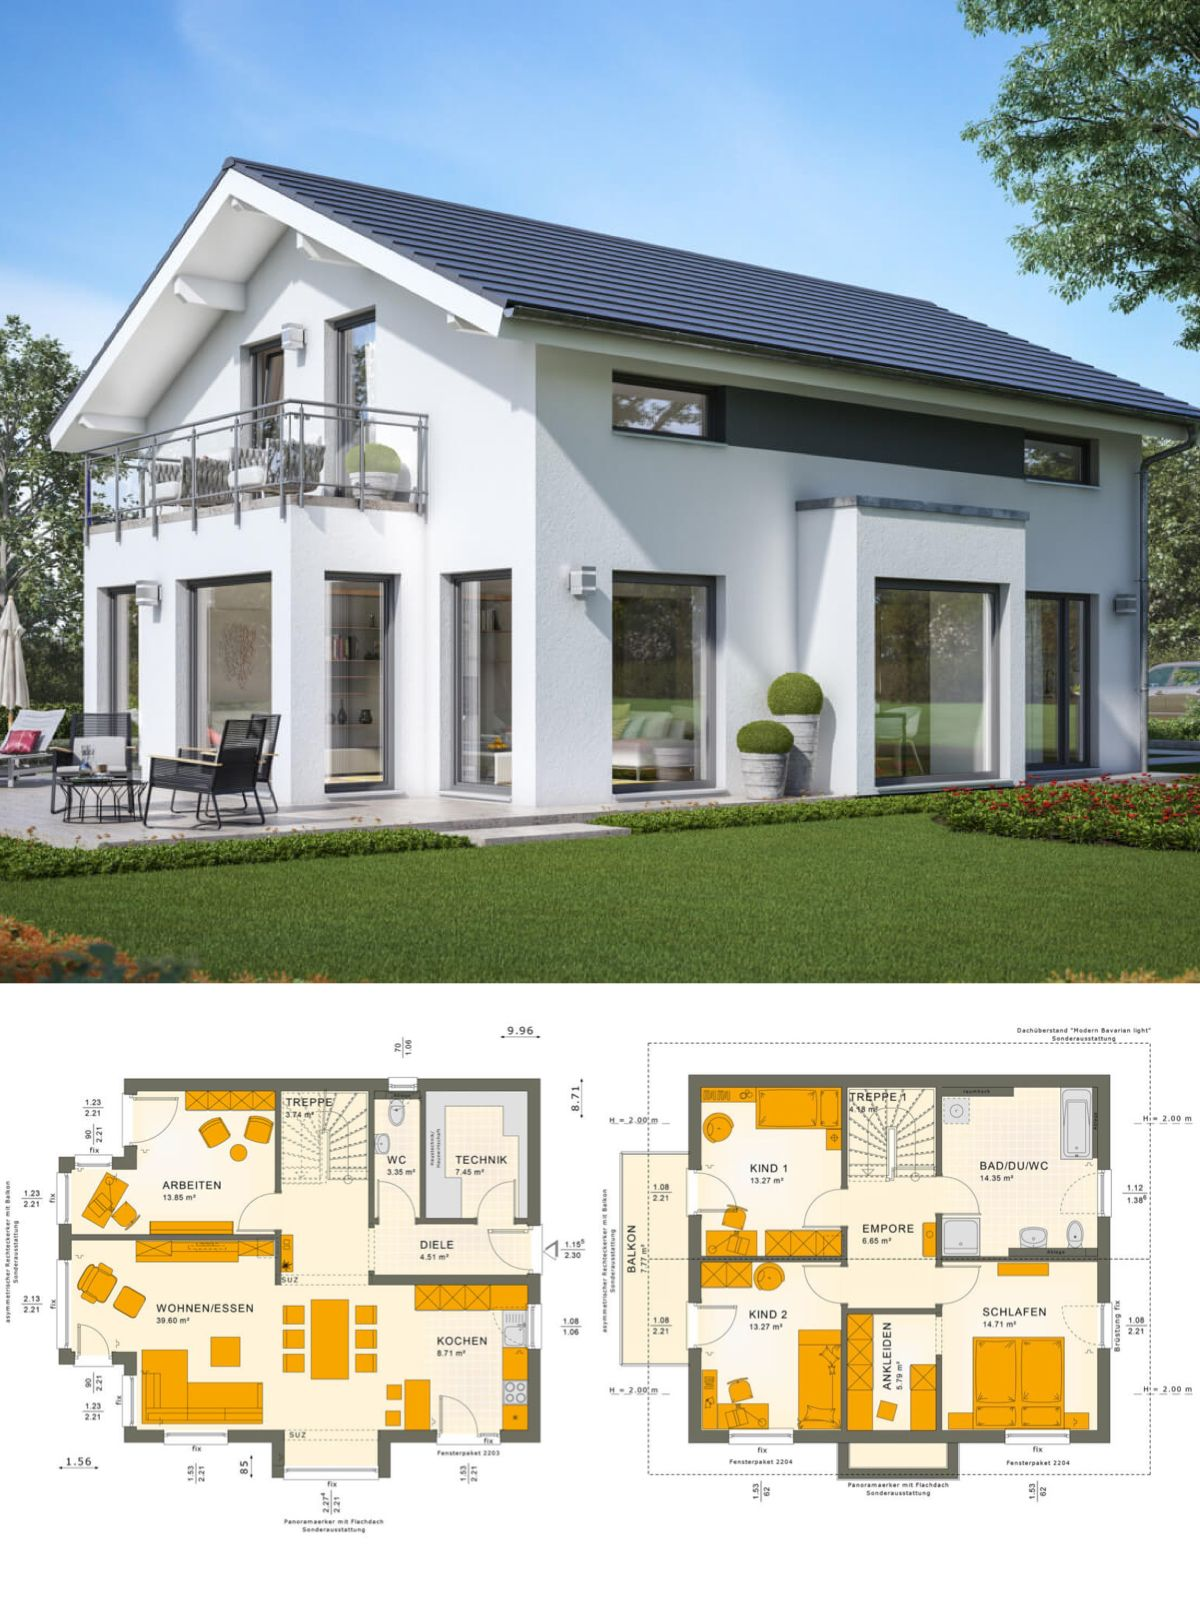 Einfamilienhaus Neubau Design Modern Mit Satteldach Architektur Im  Landhausstil U0026 Wintergarten Erker   Haus Bauen Grundriss Ideen Fertighaus  Sunshine 143 V4 ...